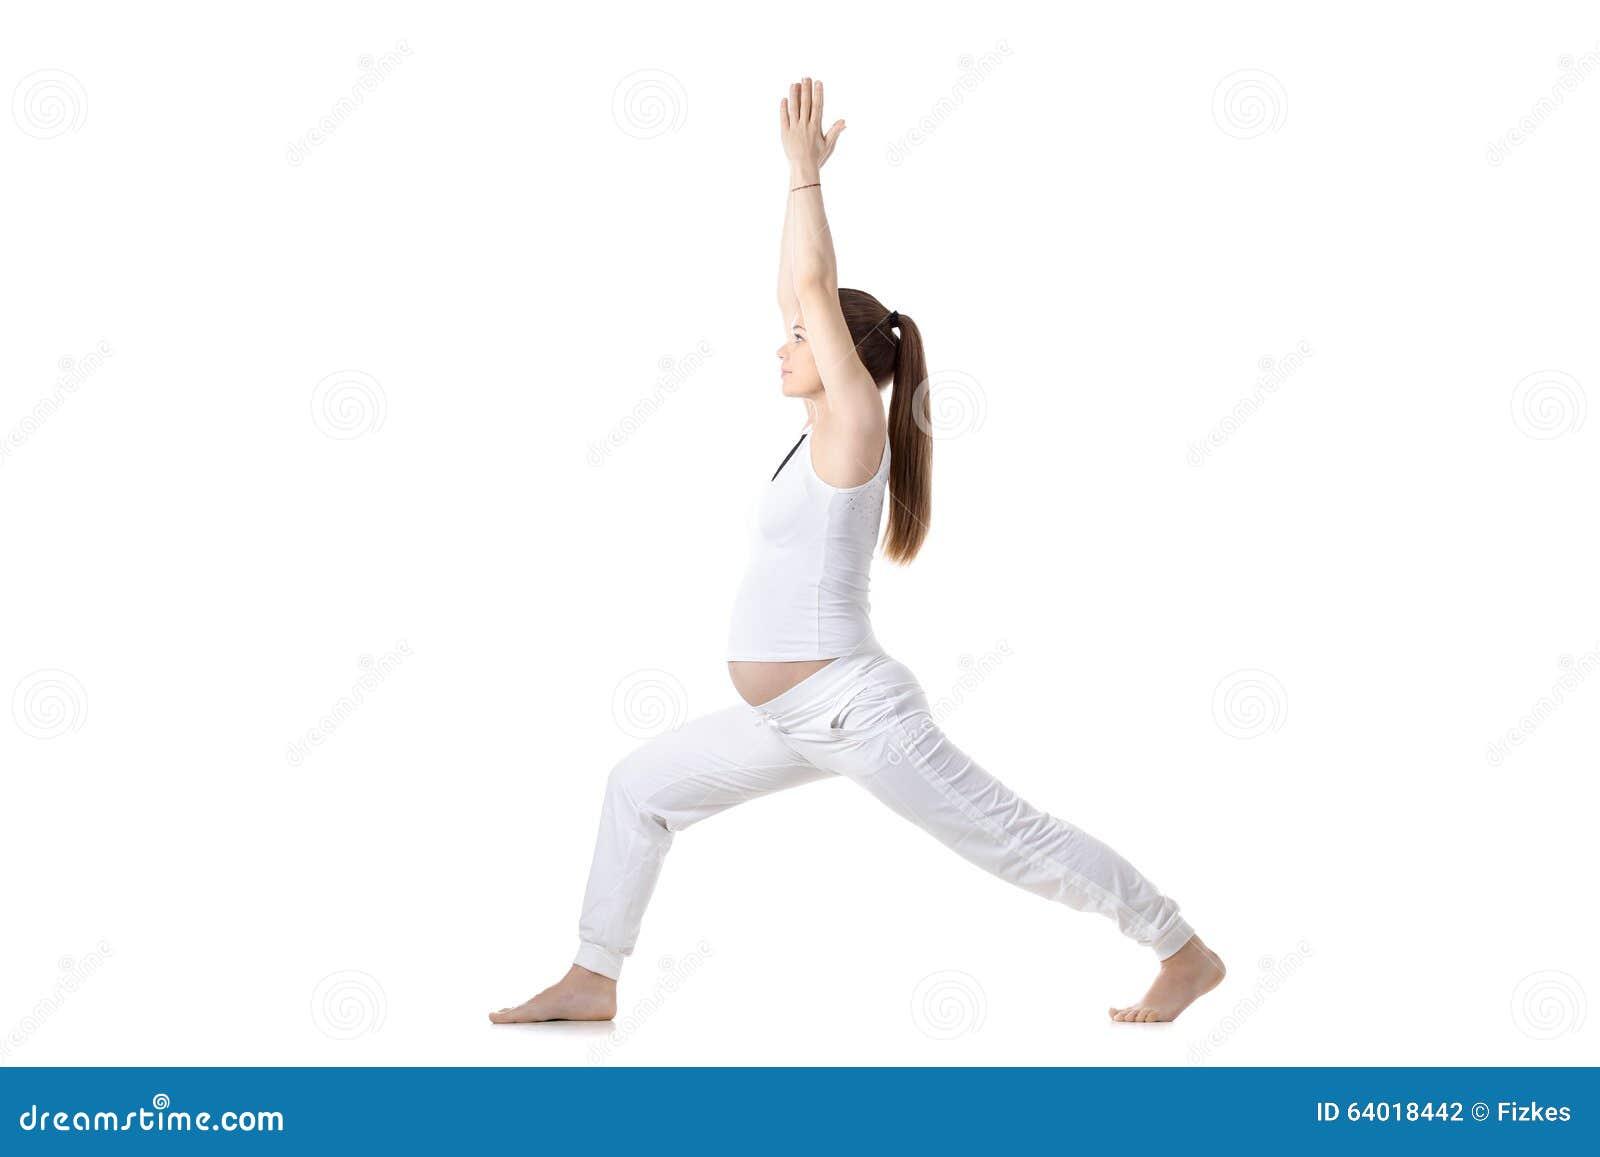 Prenatale Yoga, Strijder die ik heb gesteld